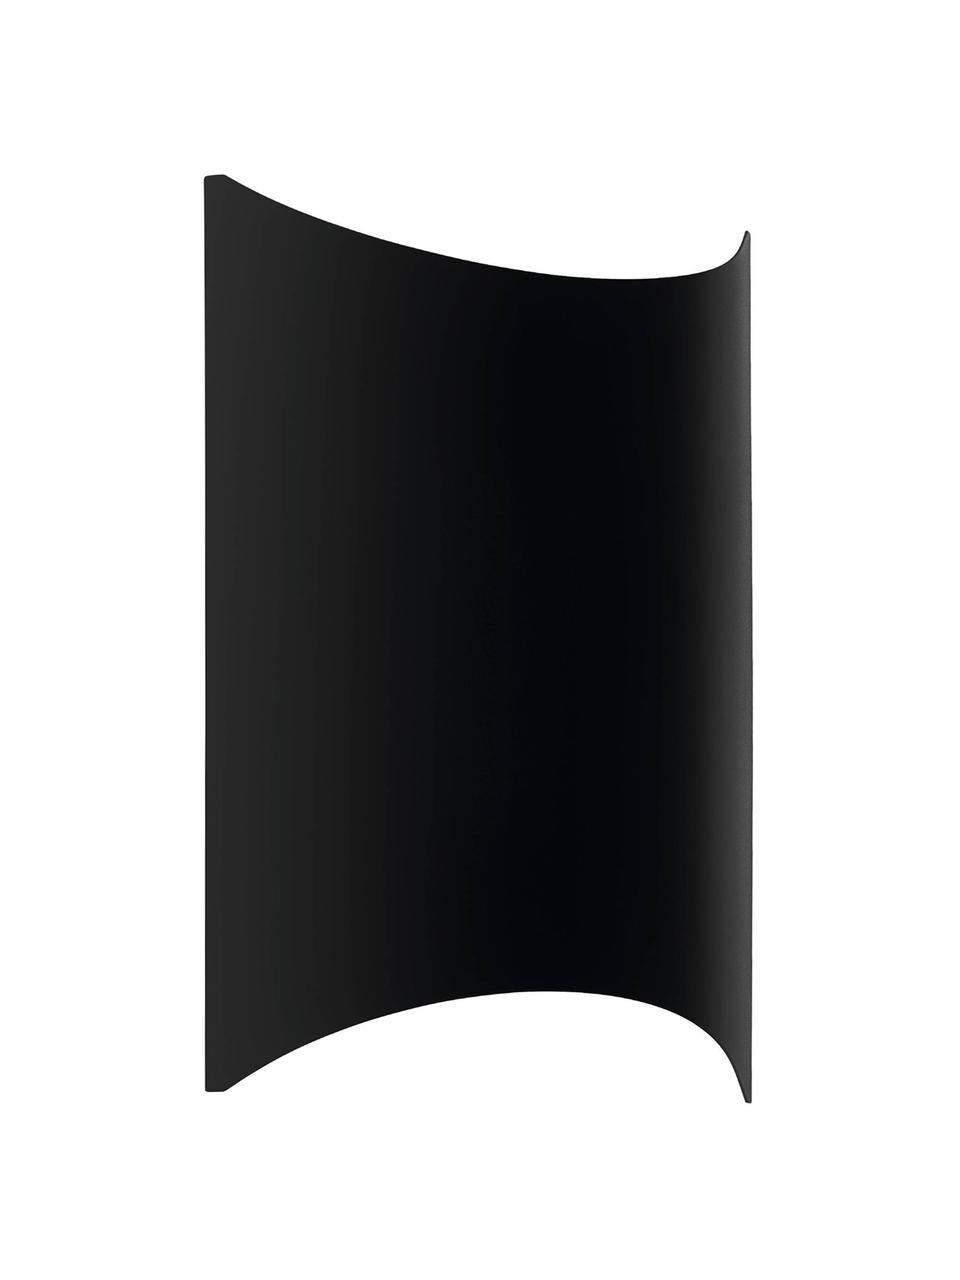 Zewnętrzny kinkiet LED Lagasco, Czarny, S 19 x W 28 cm